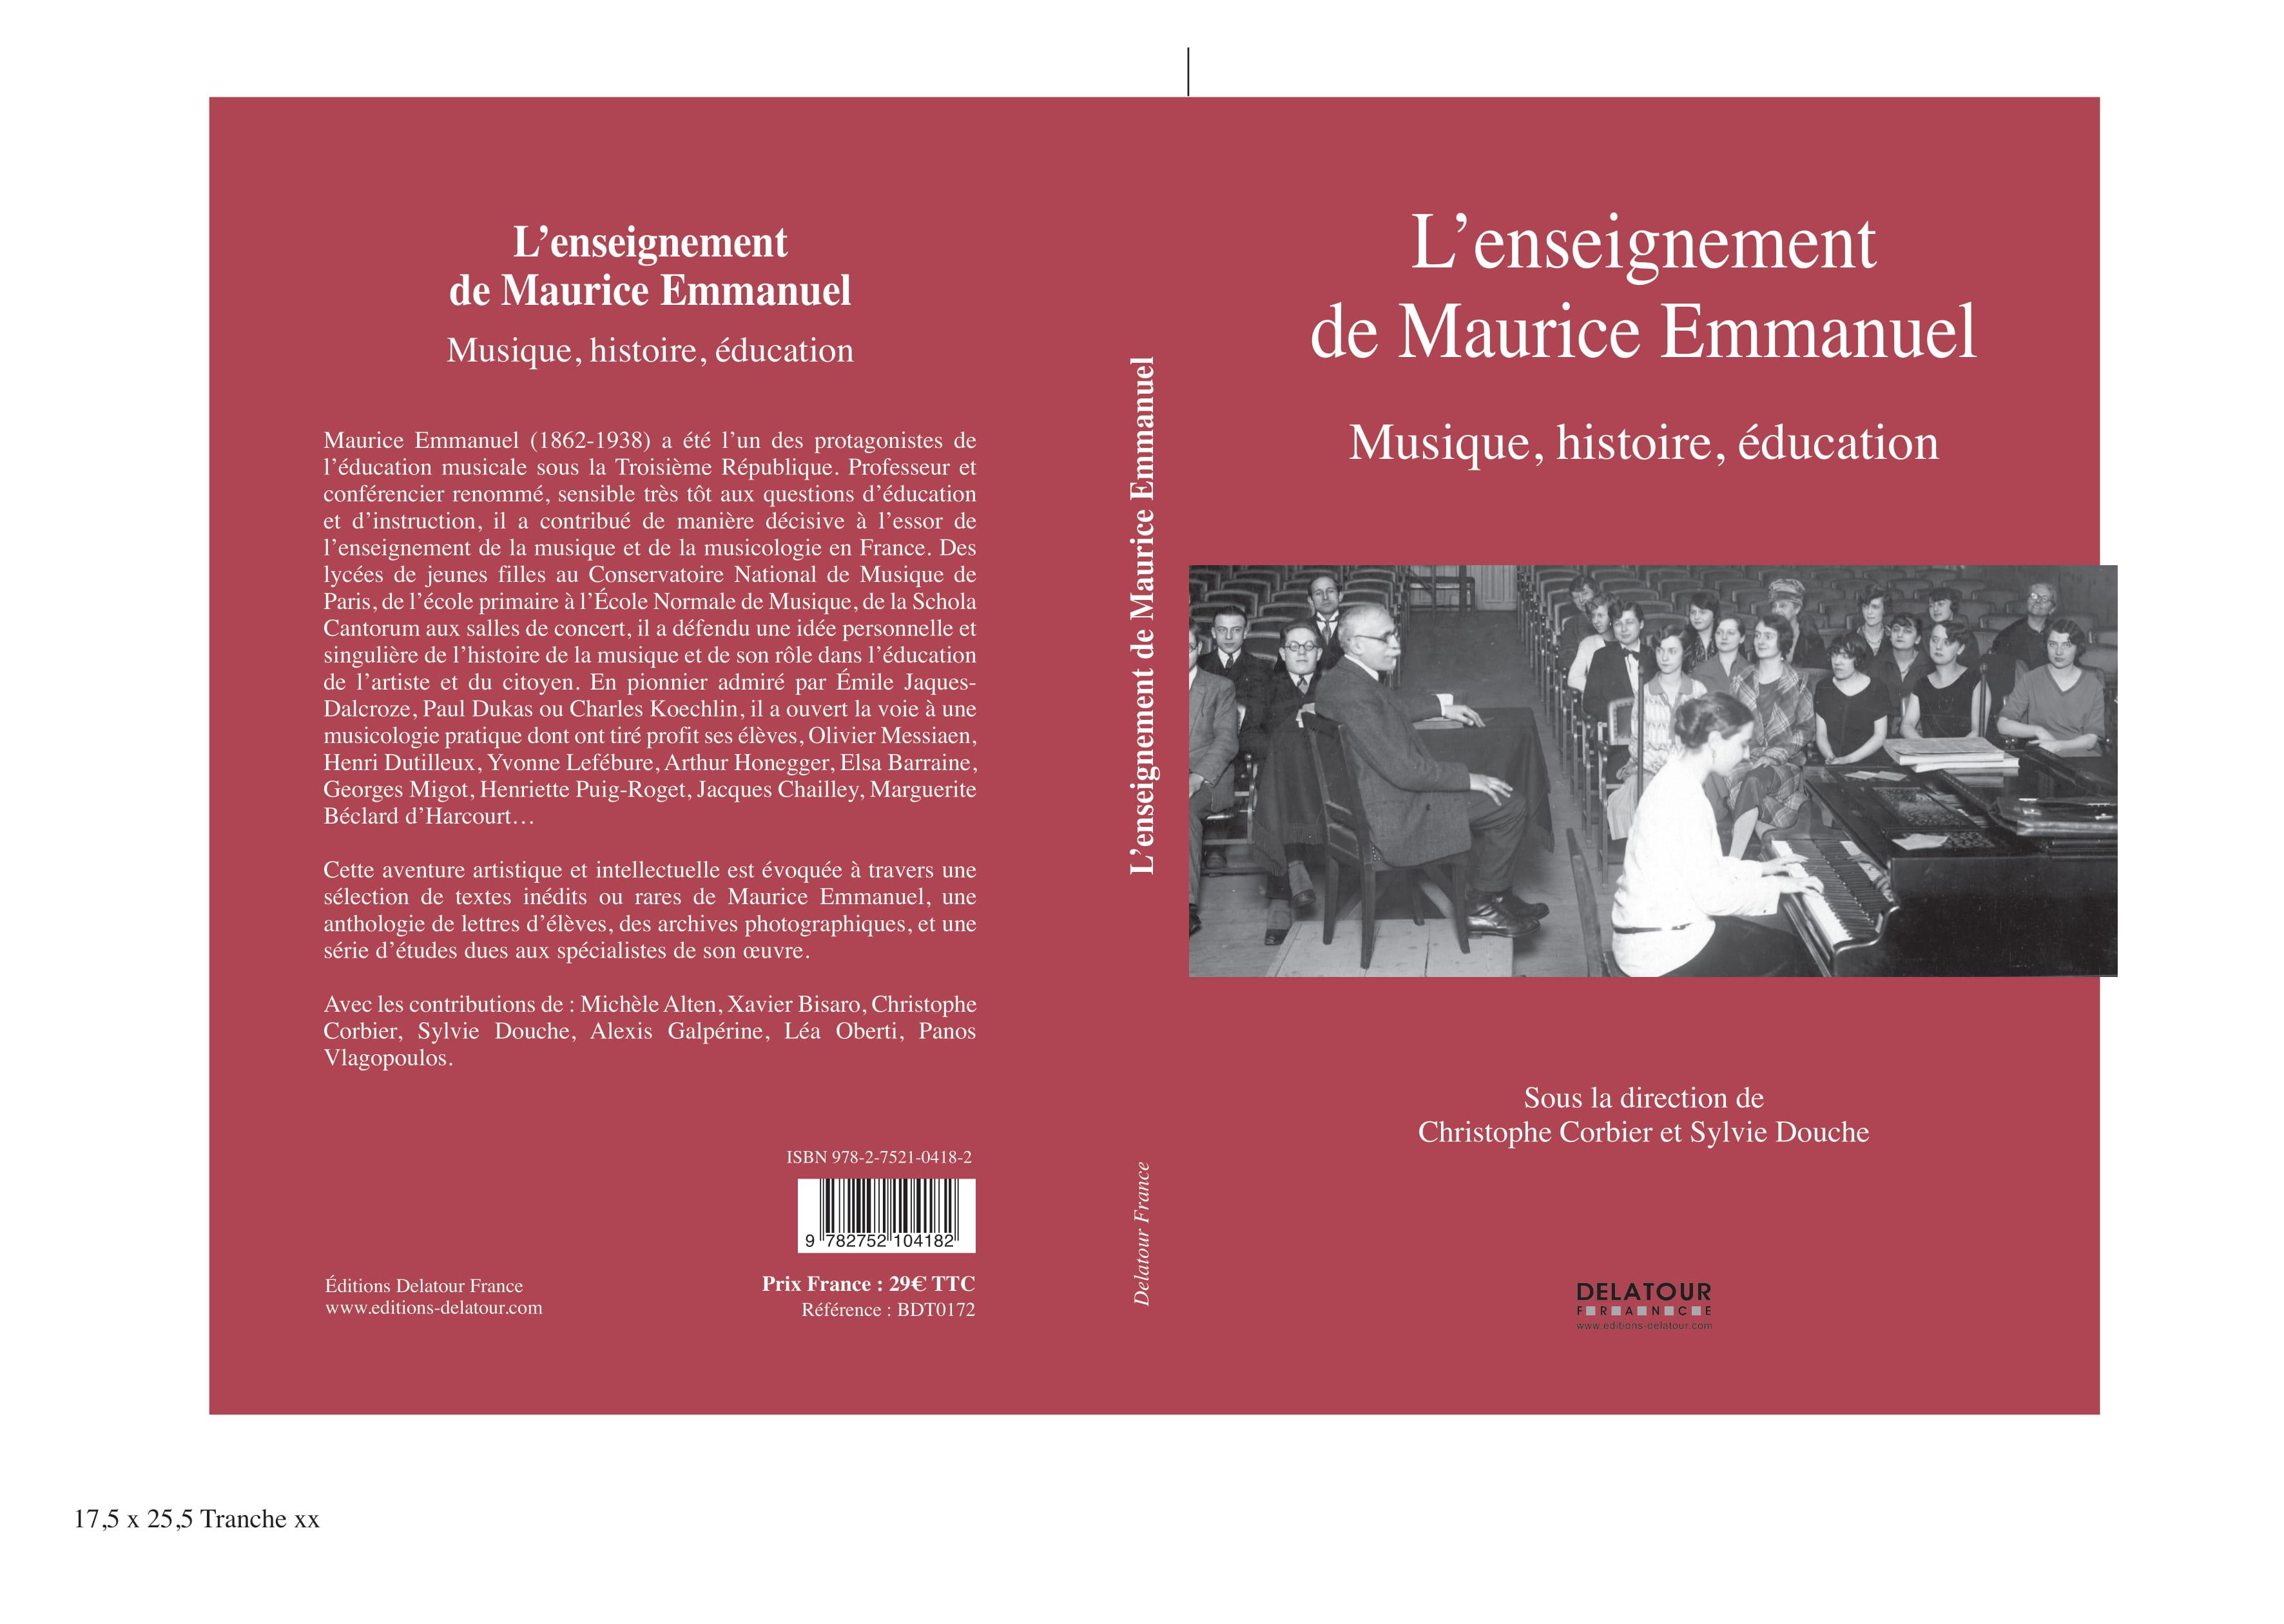 L'Enseignement de Maurice Emmanuel : musique, histoire, éducation}